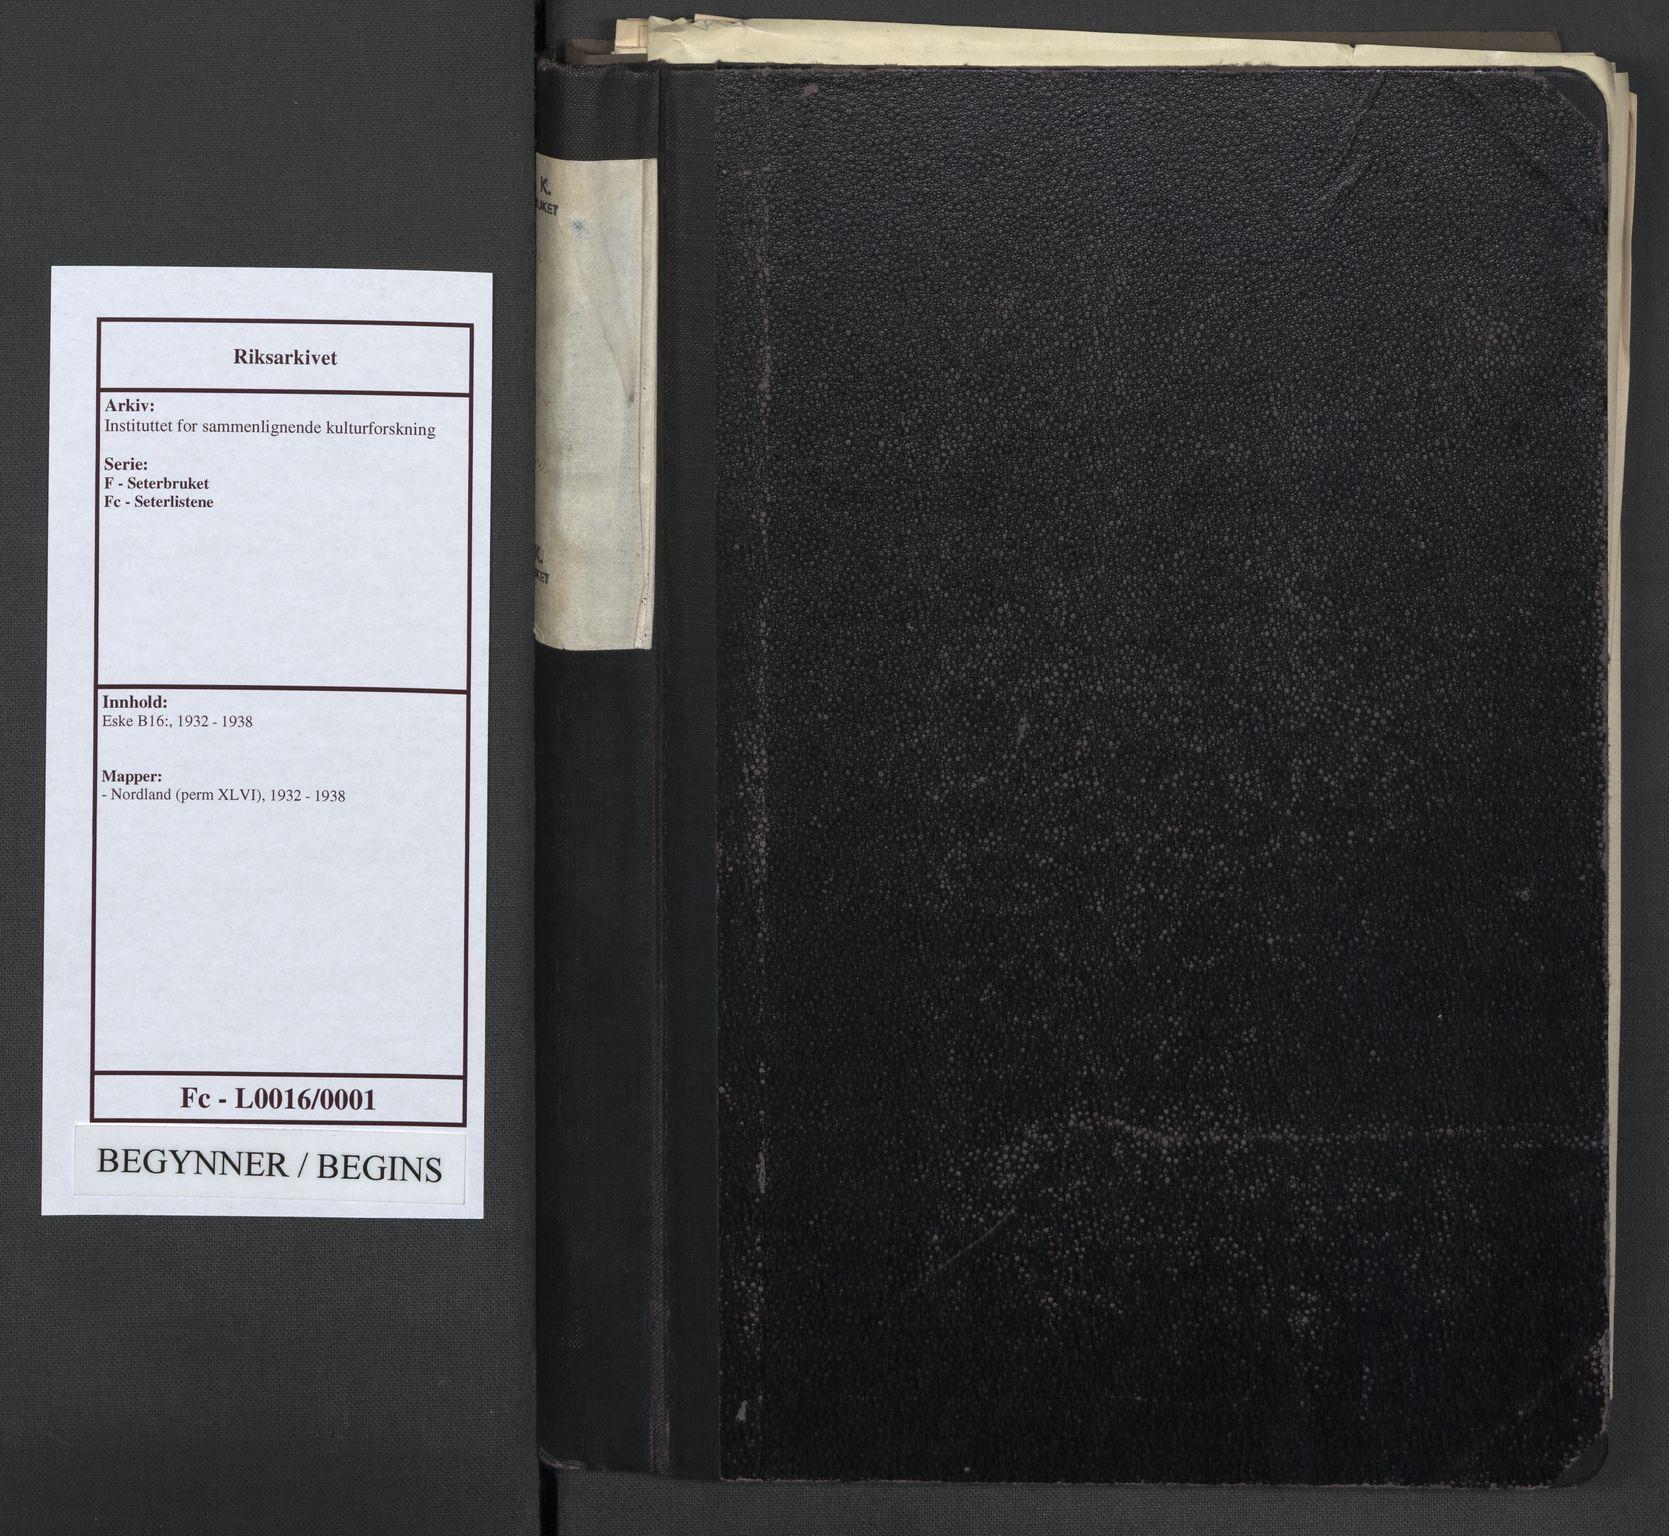 RA, Instituttet for sammenlignende kulturforskning, F/Fc/L0016: Eske B16:, 1932-1938, s. upaginert